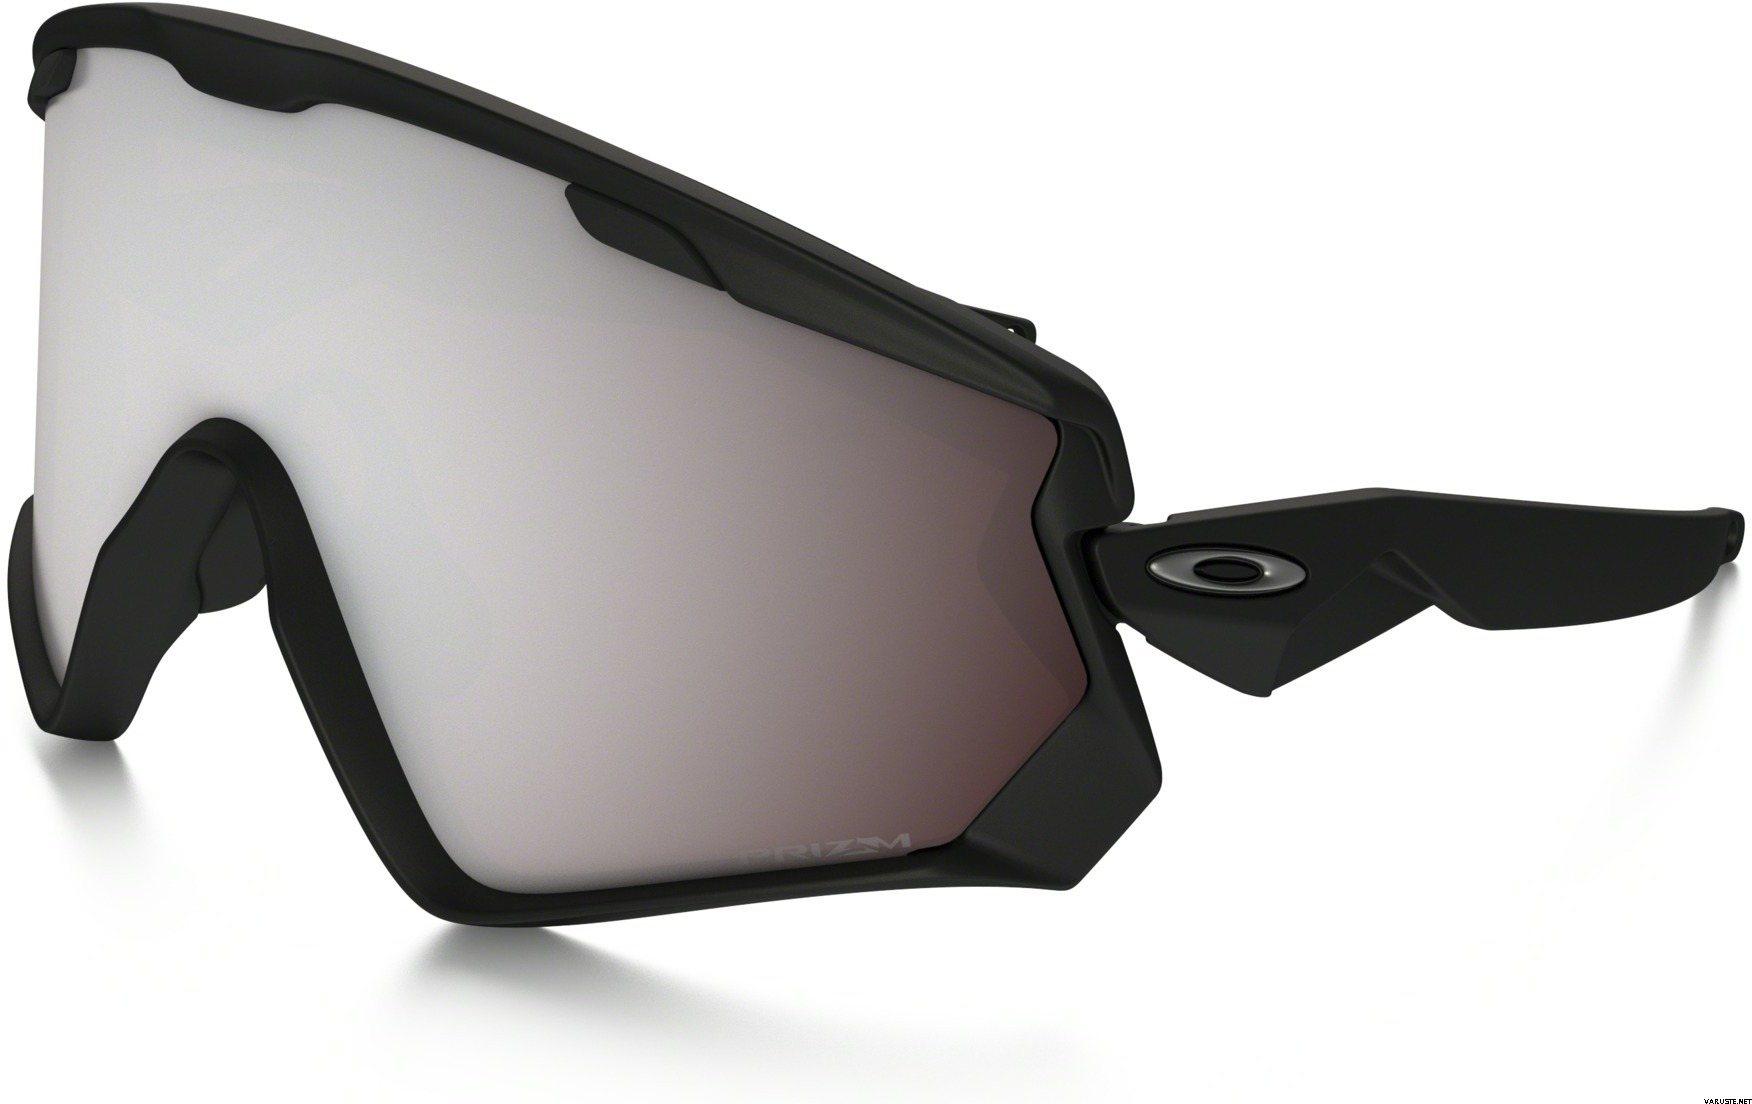 5d08d9874b7ce Oakley Wind Jacket 2.0